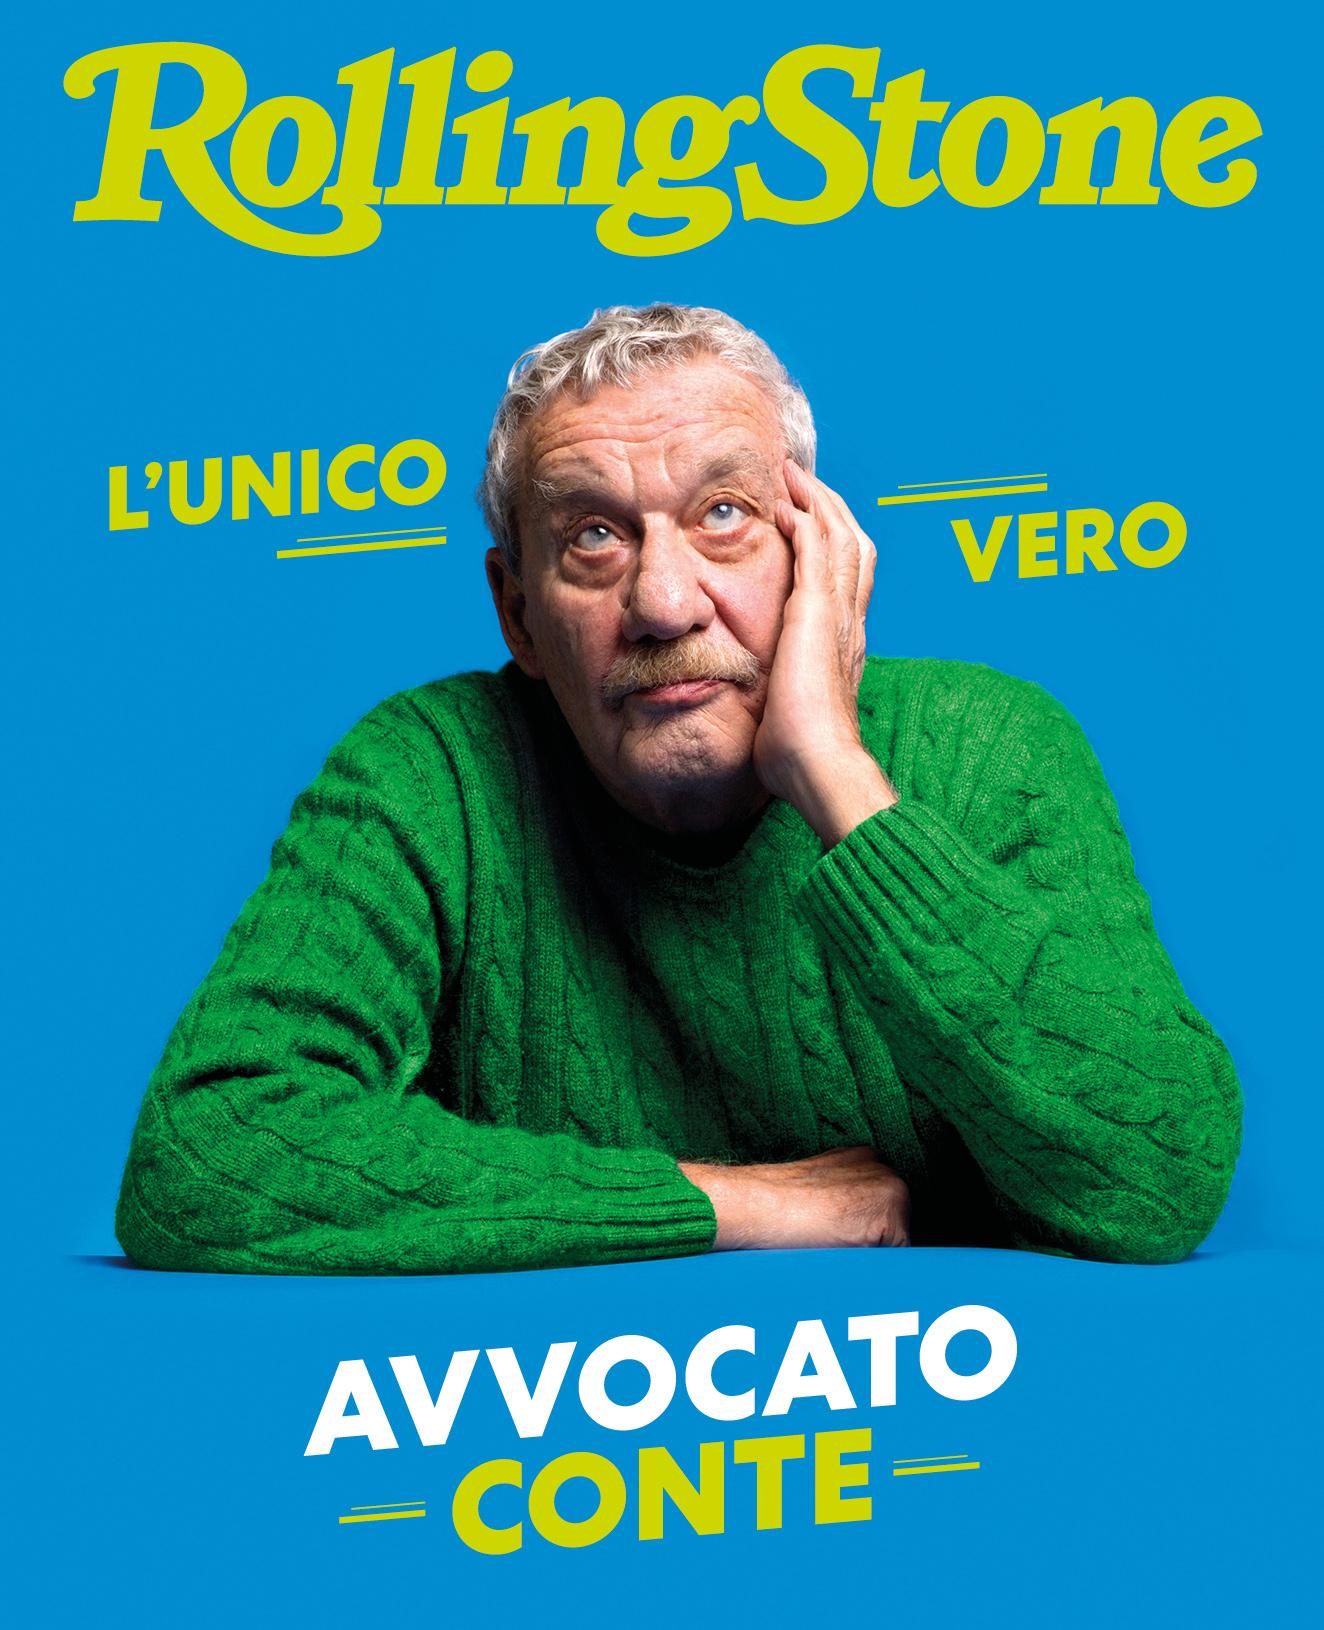 Paolo Conte digital cover Rolling Stone Italia